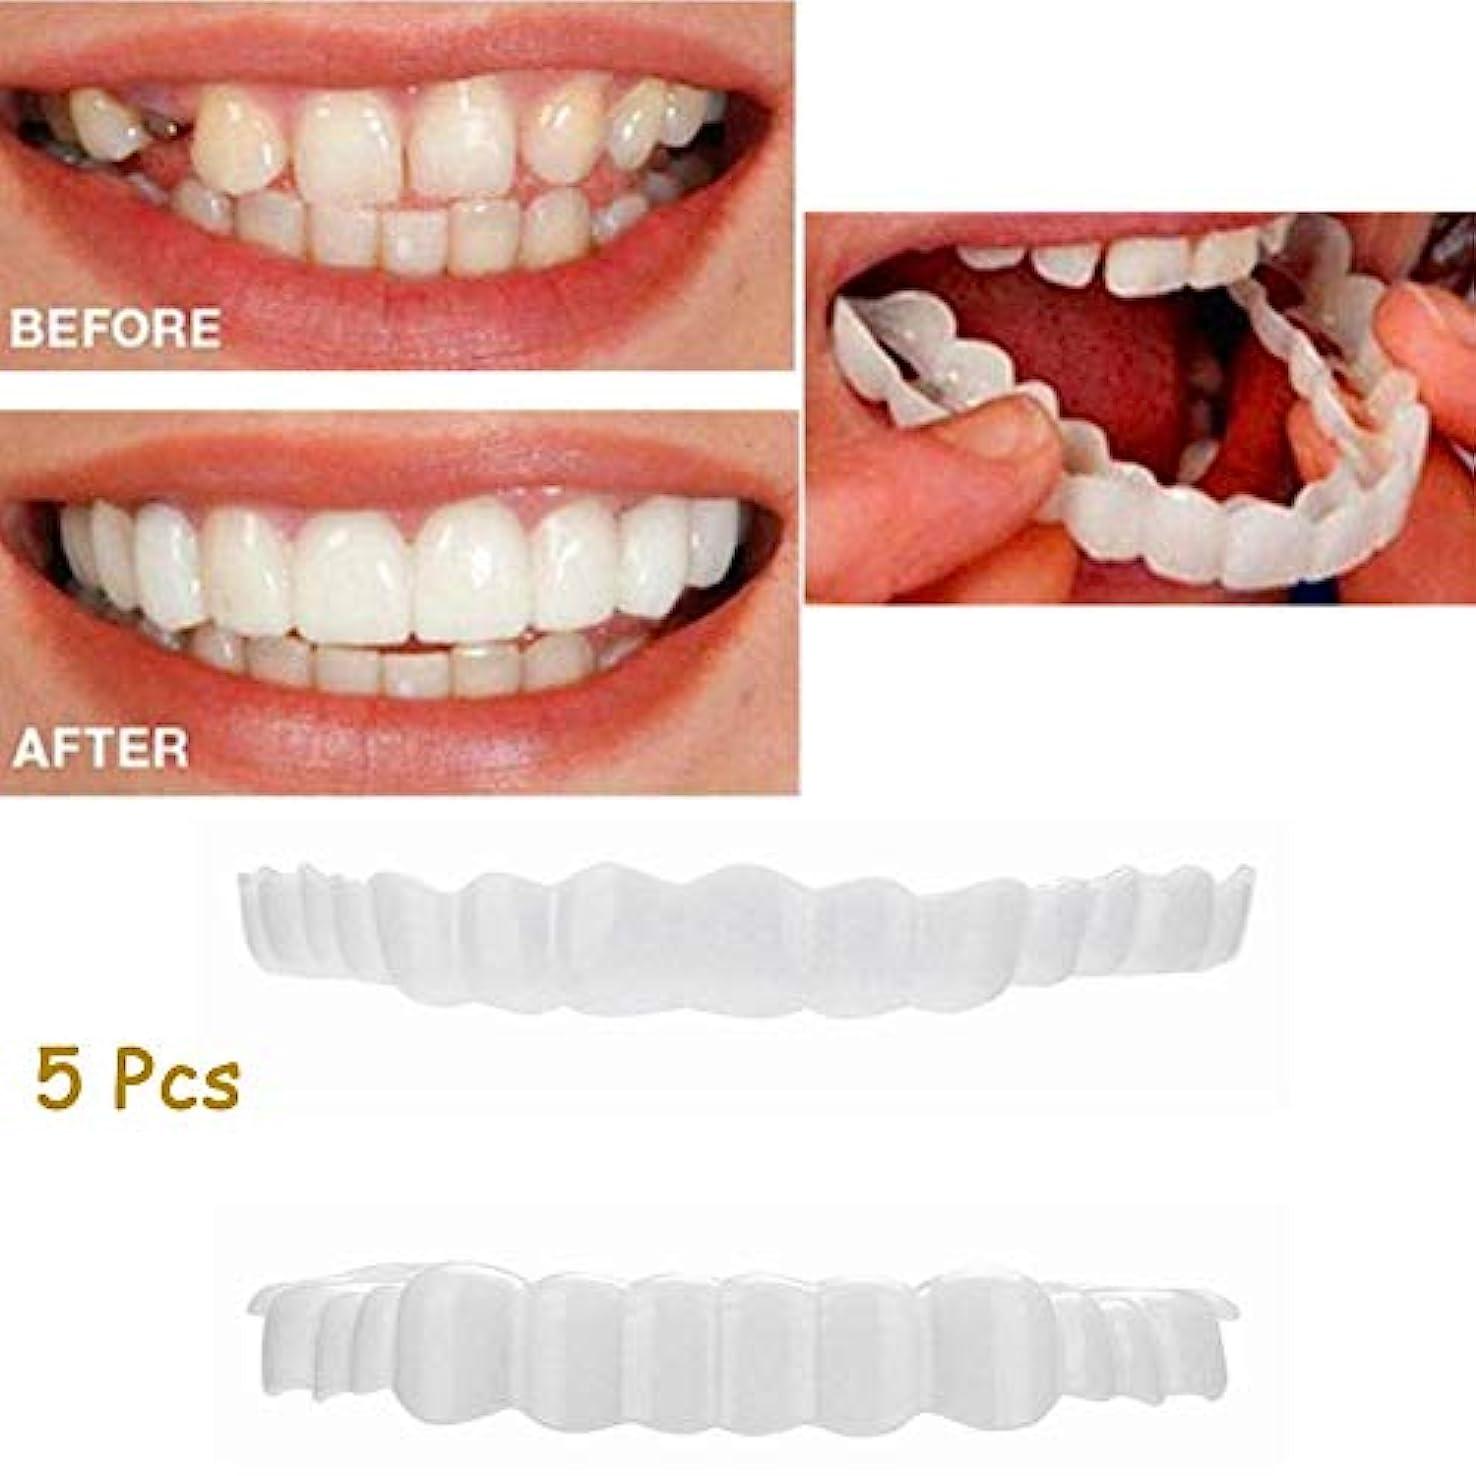 著作権等長さ5ピース上歯+下歯セットインスタントパーフェクトコンフォートフィットフレックス化粧品歯入れ歯歯ホワイトニングスマイルフェイク歯